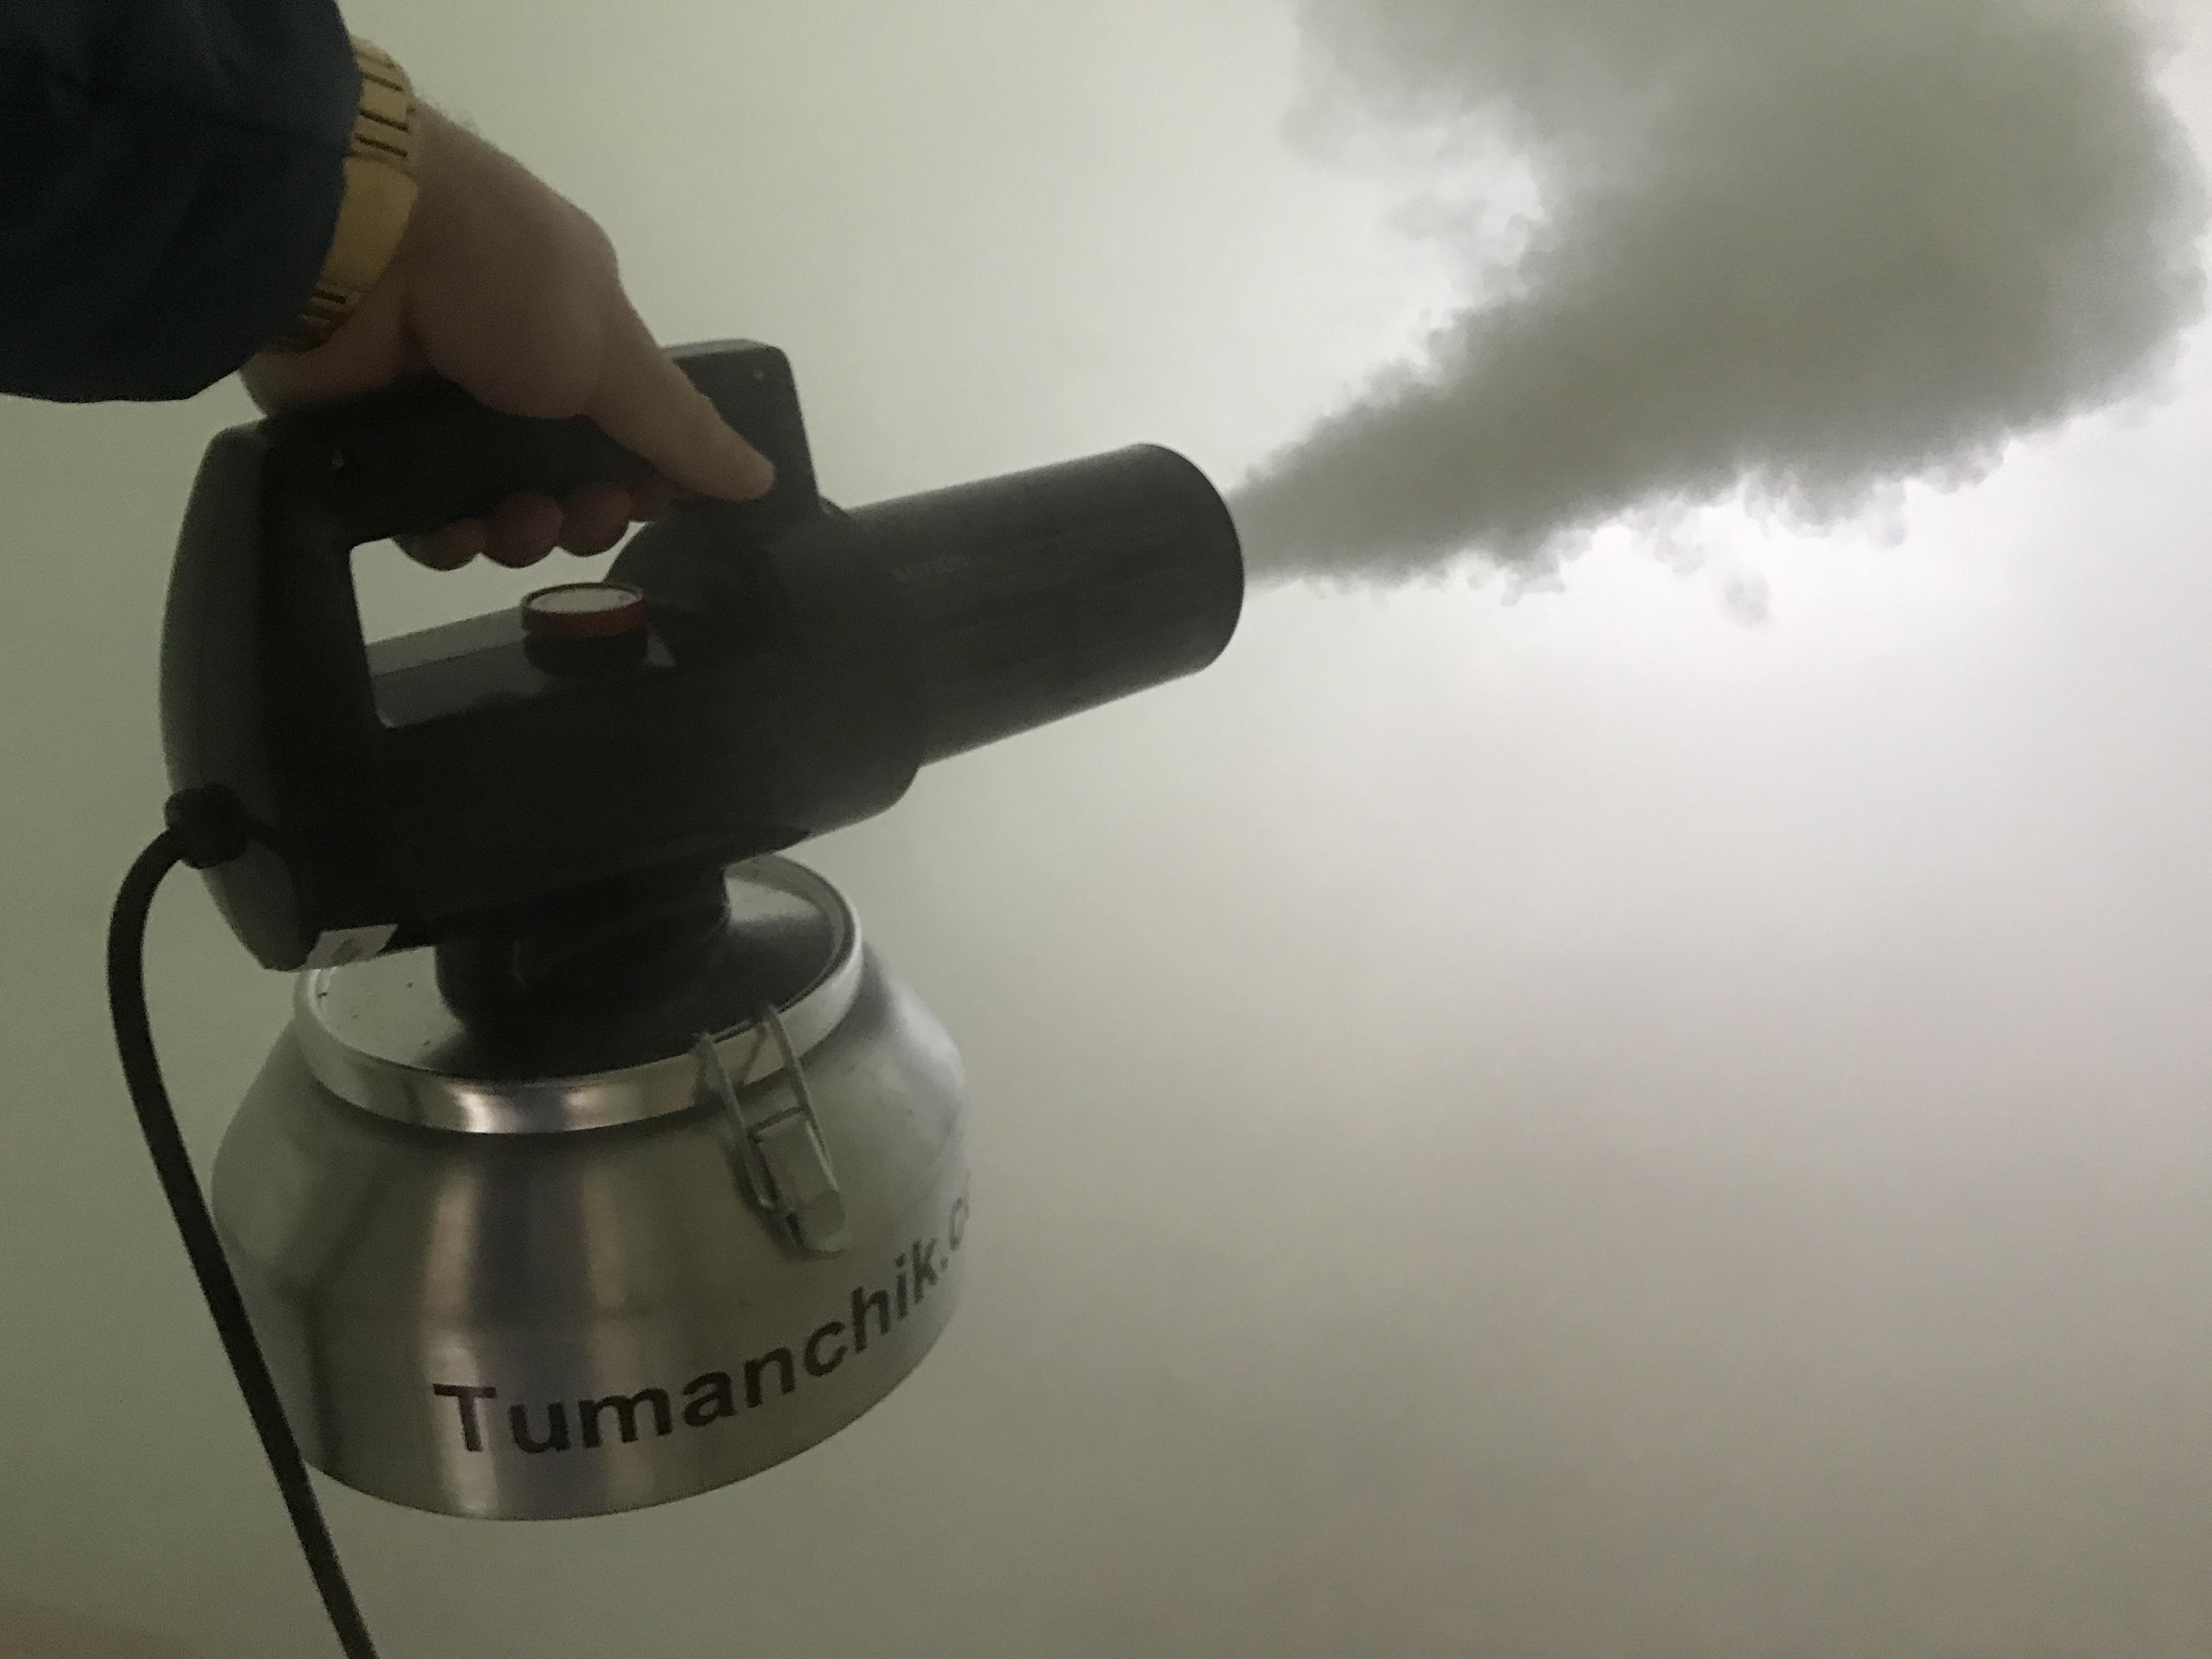 Устранение трупного запаха